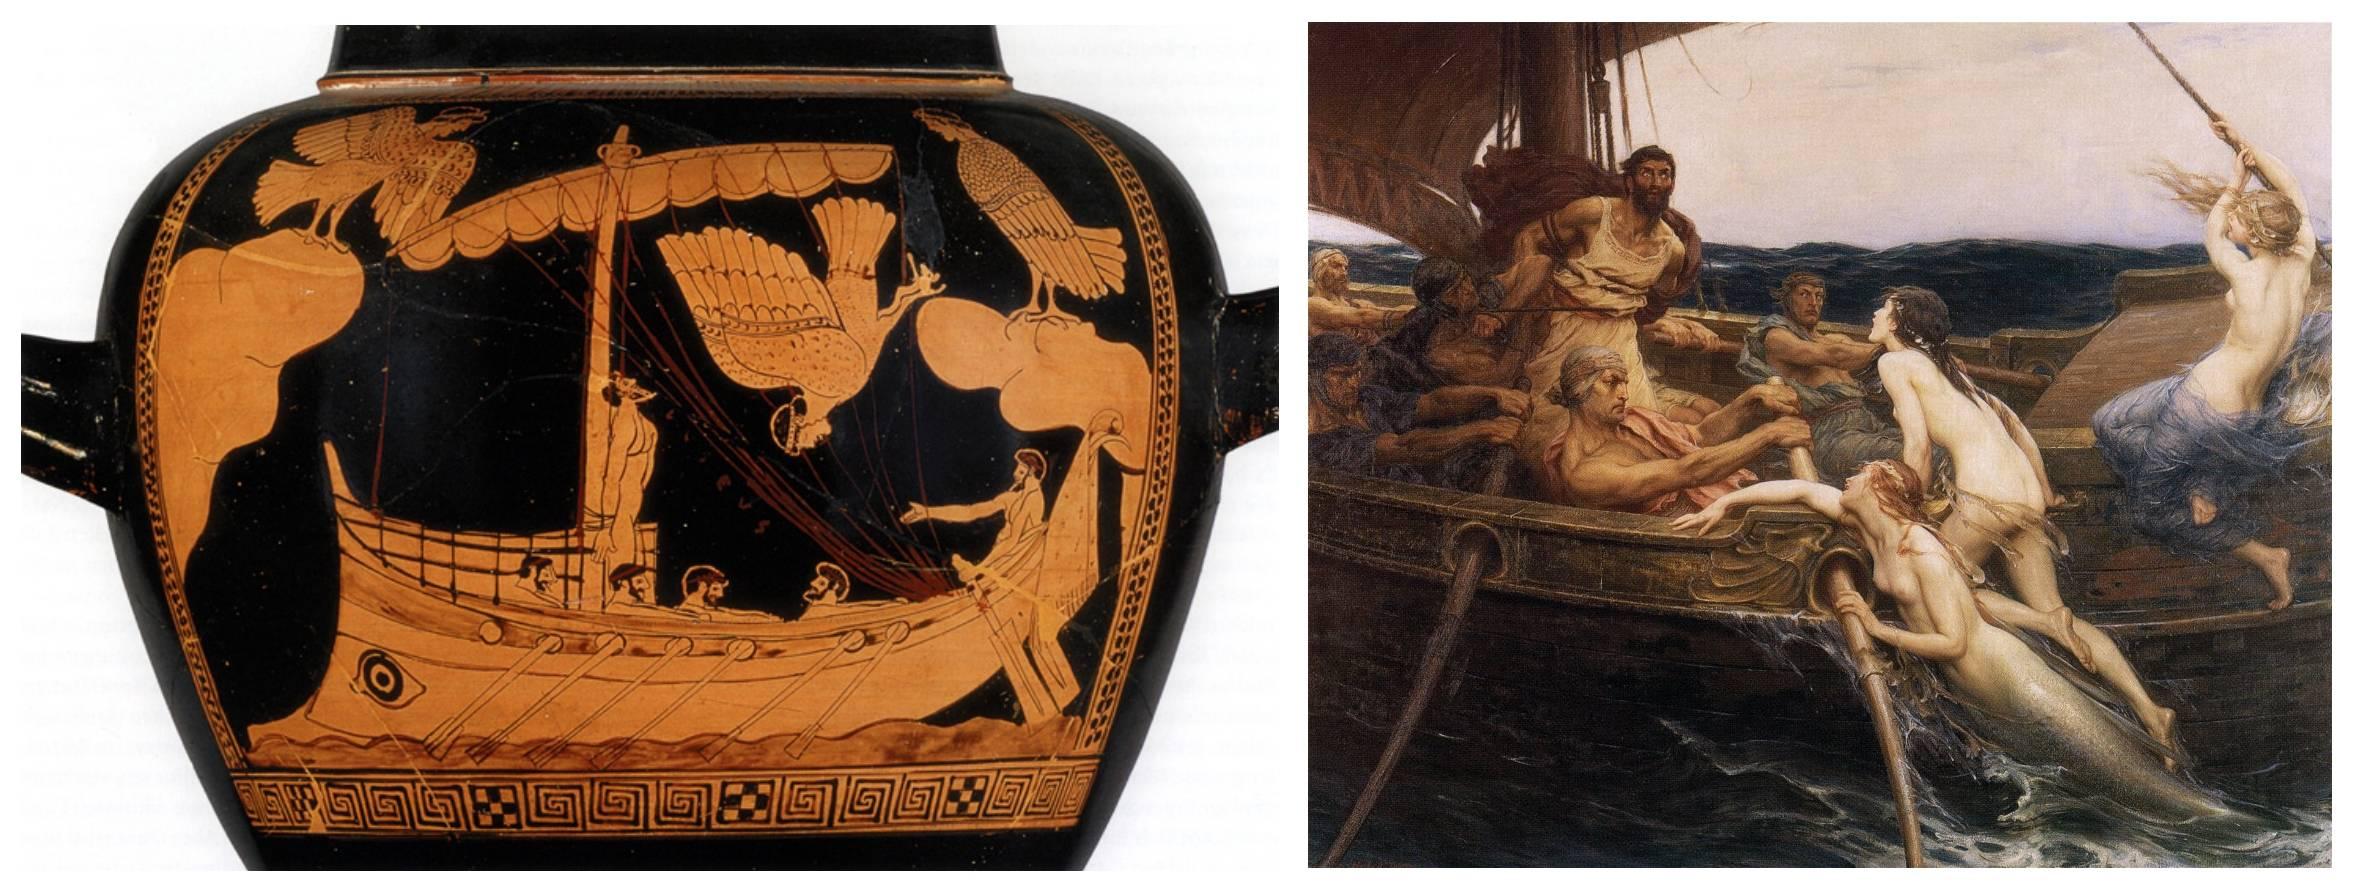 Что собой представляли сирены. мифология древней греции